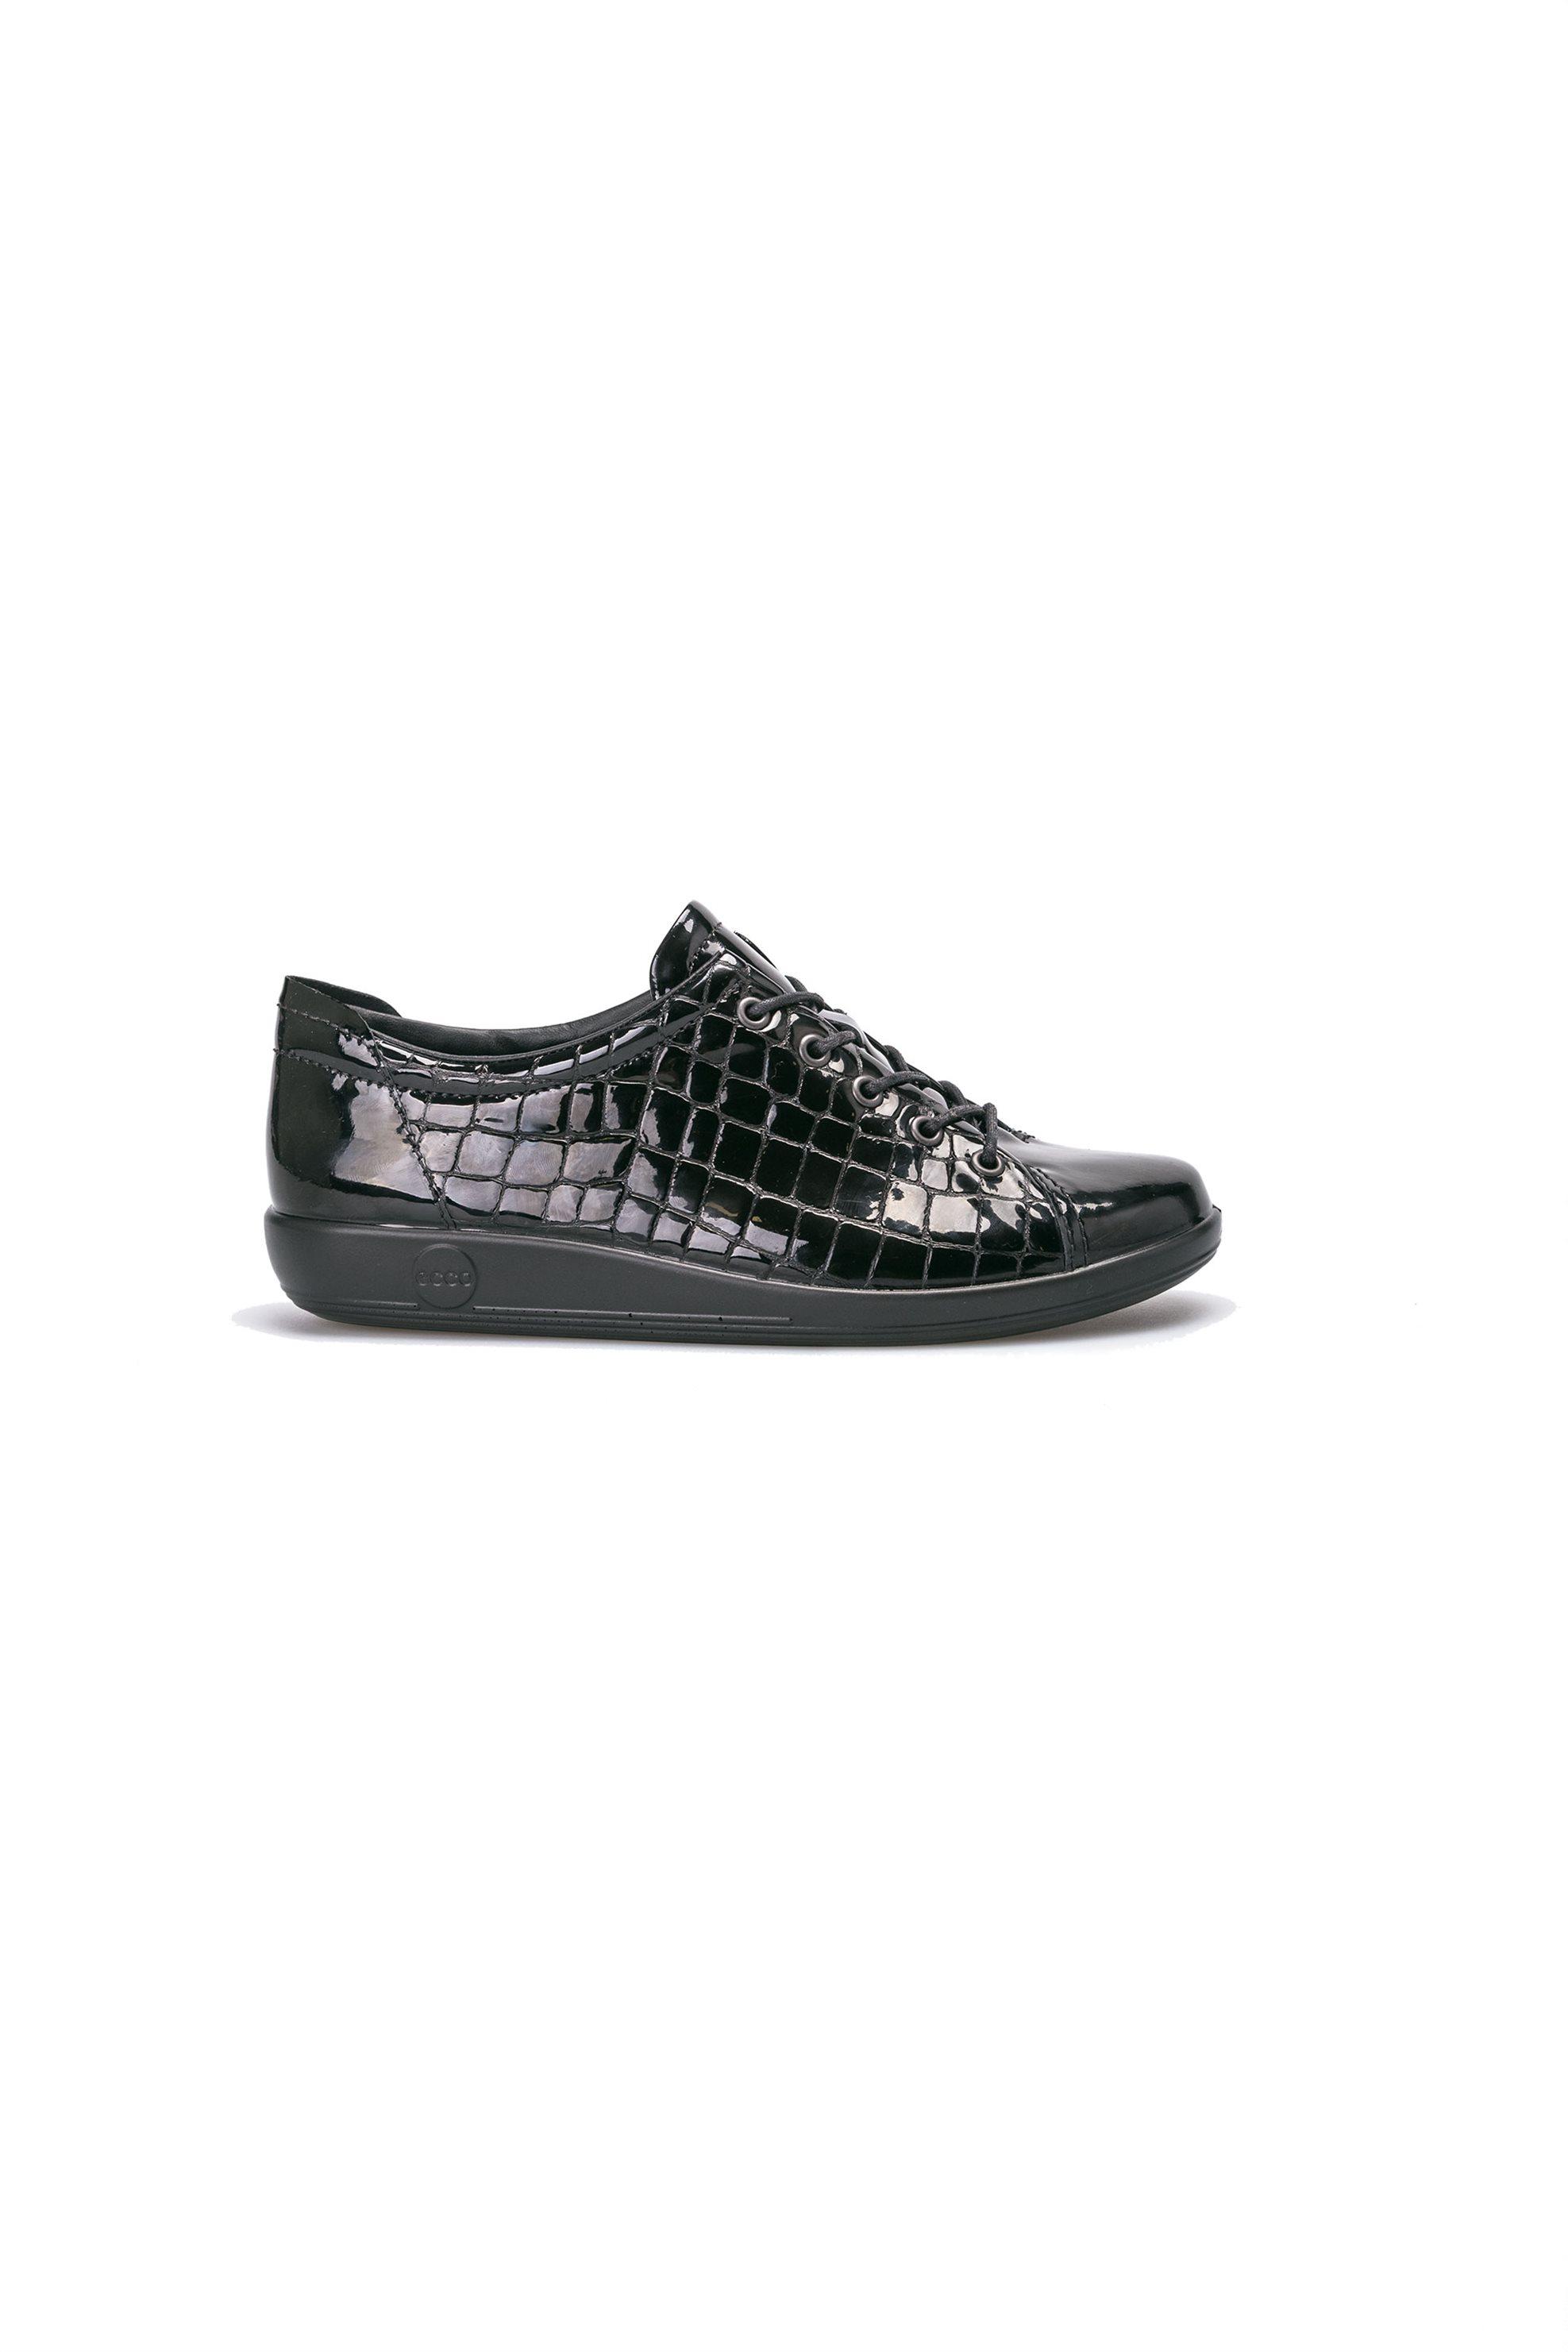 ΕCCO γυναικεία παπούτσια με κορδόνια Soft 2.0 – 206503 – Μαύρο